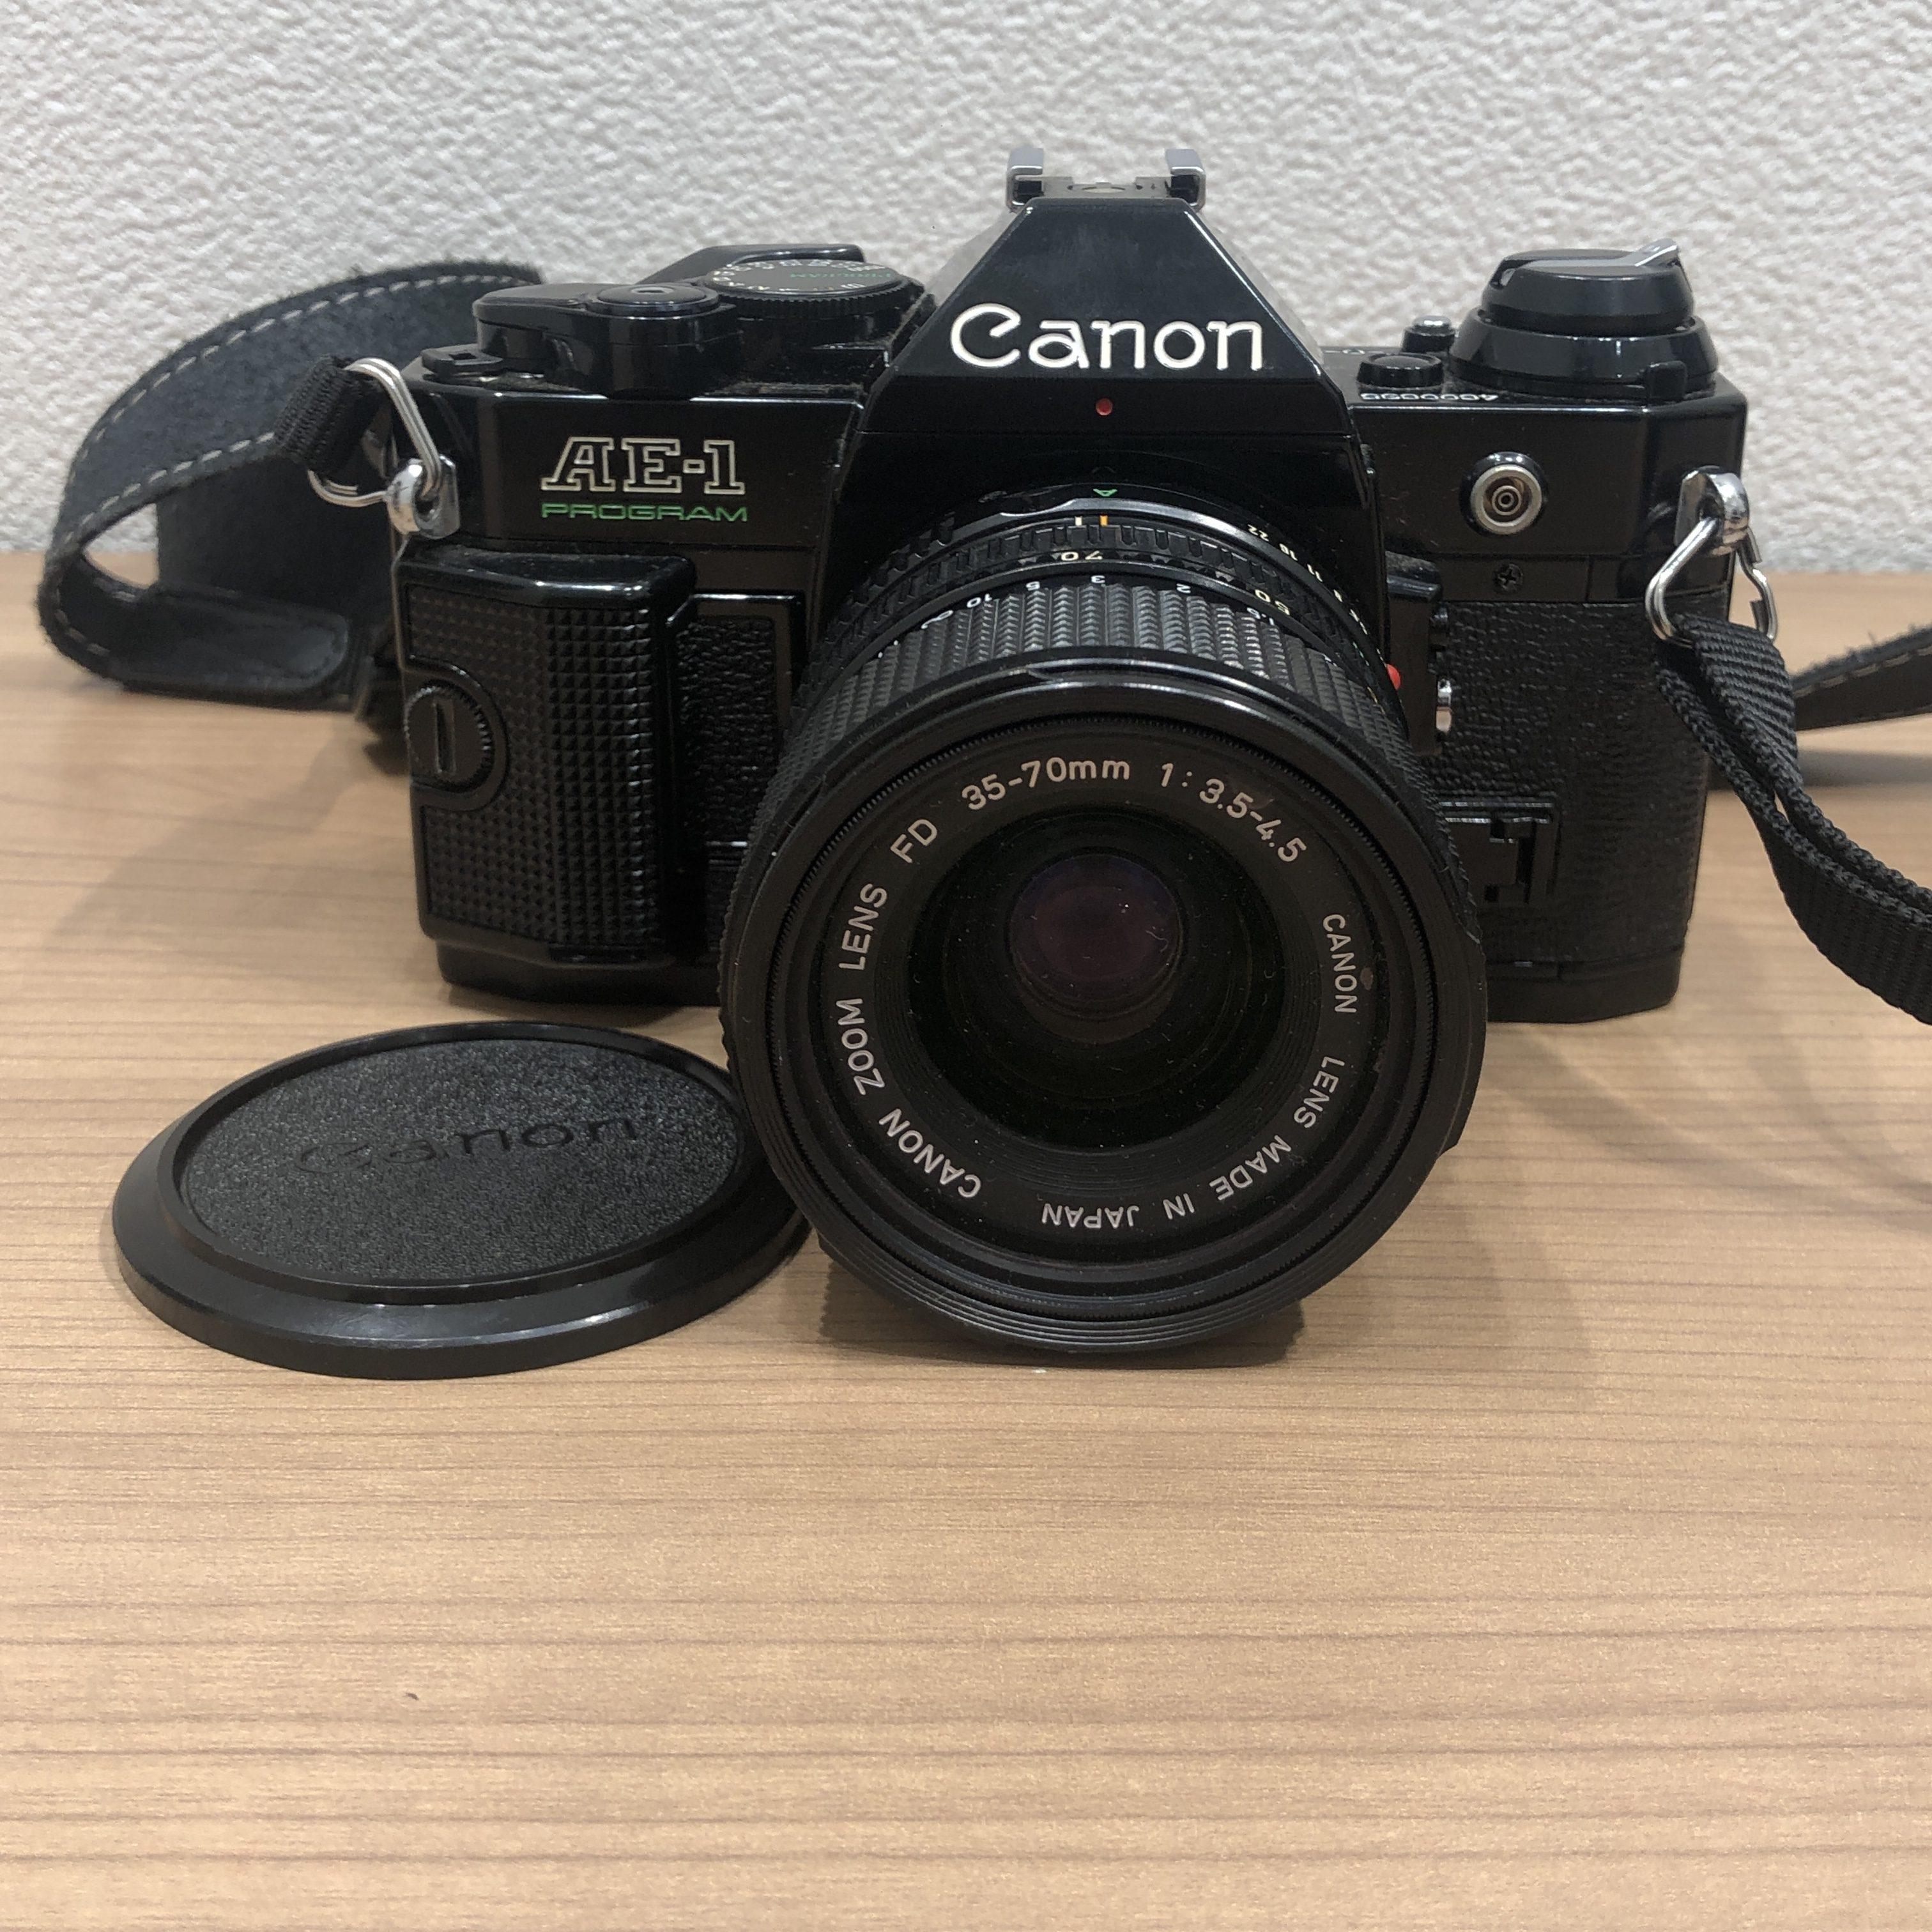 【Canon/キャノン】AE-1 一眼レフ フィルムカメラ